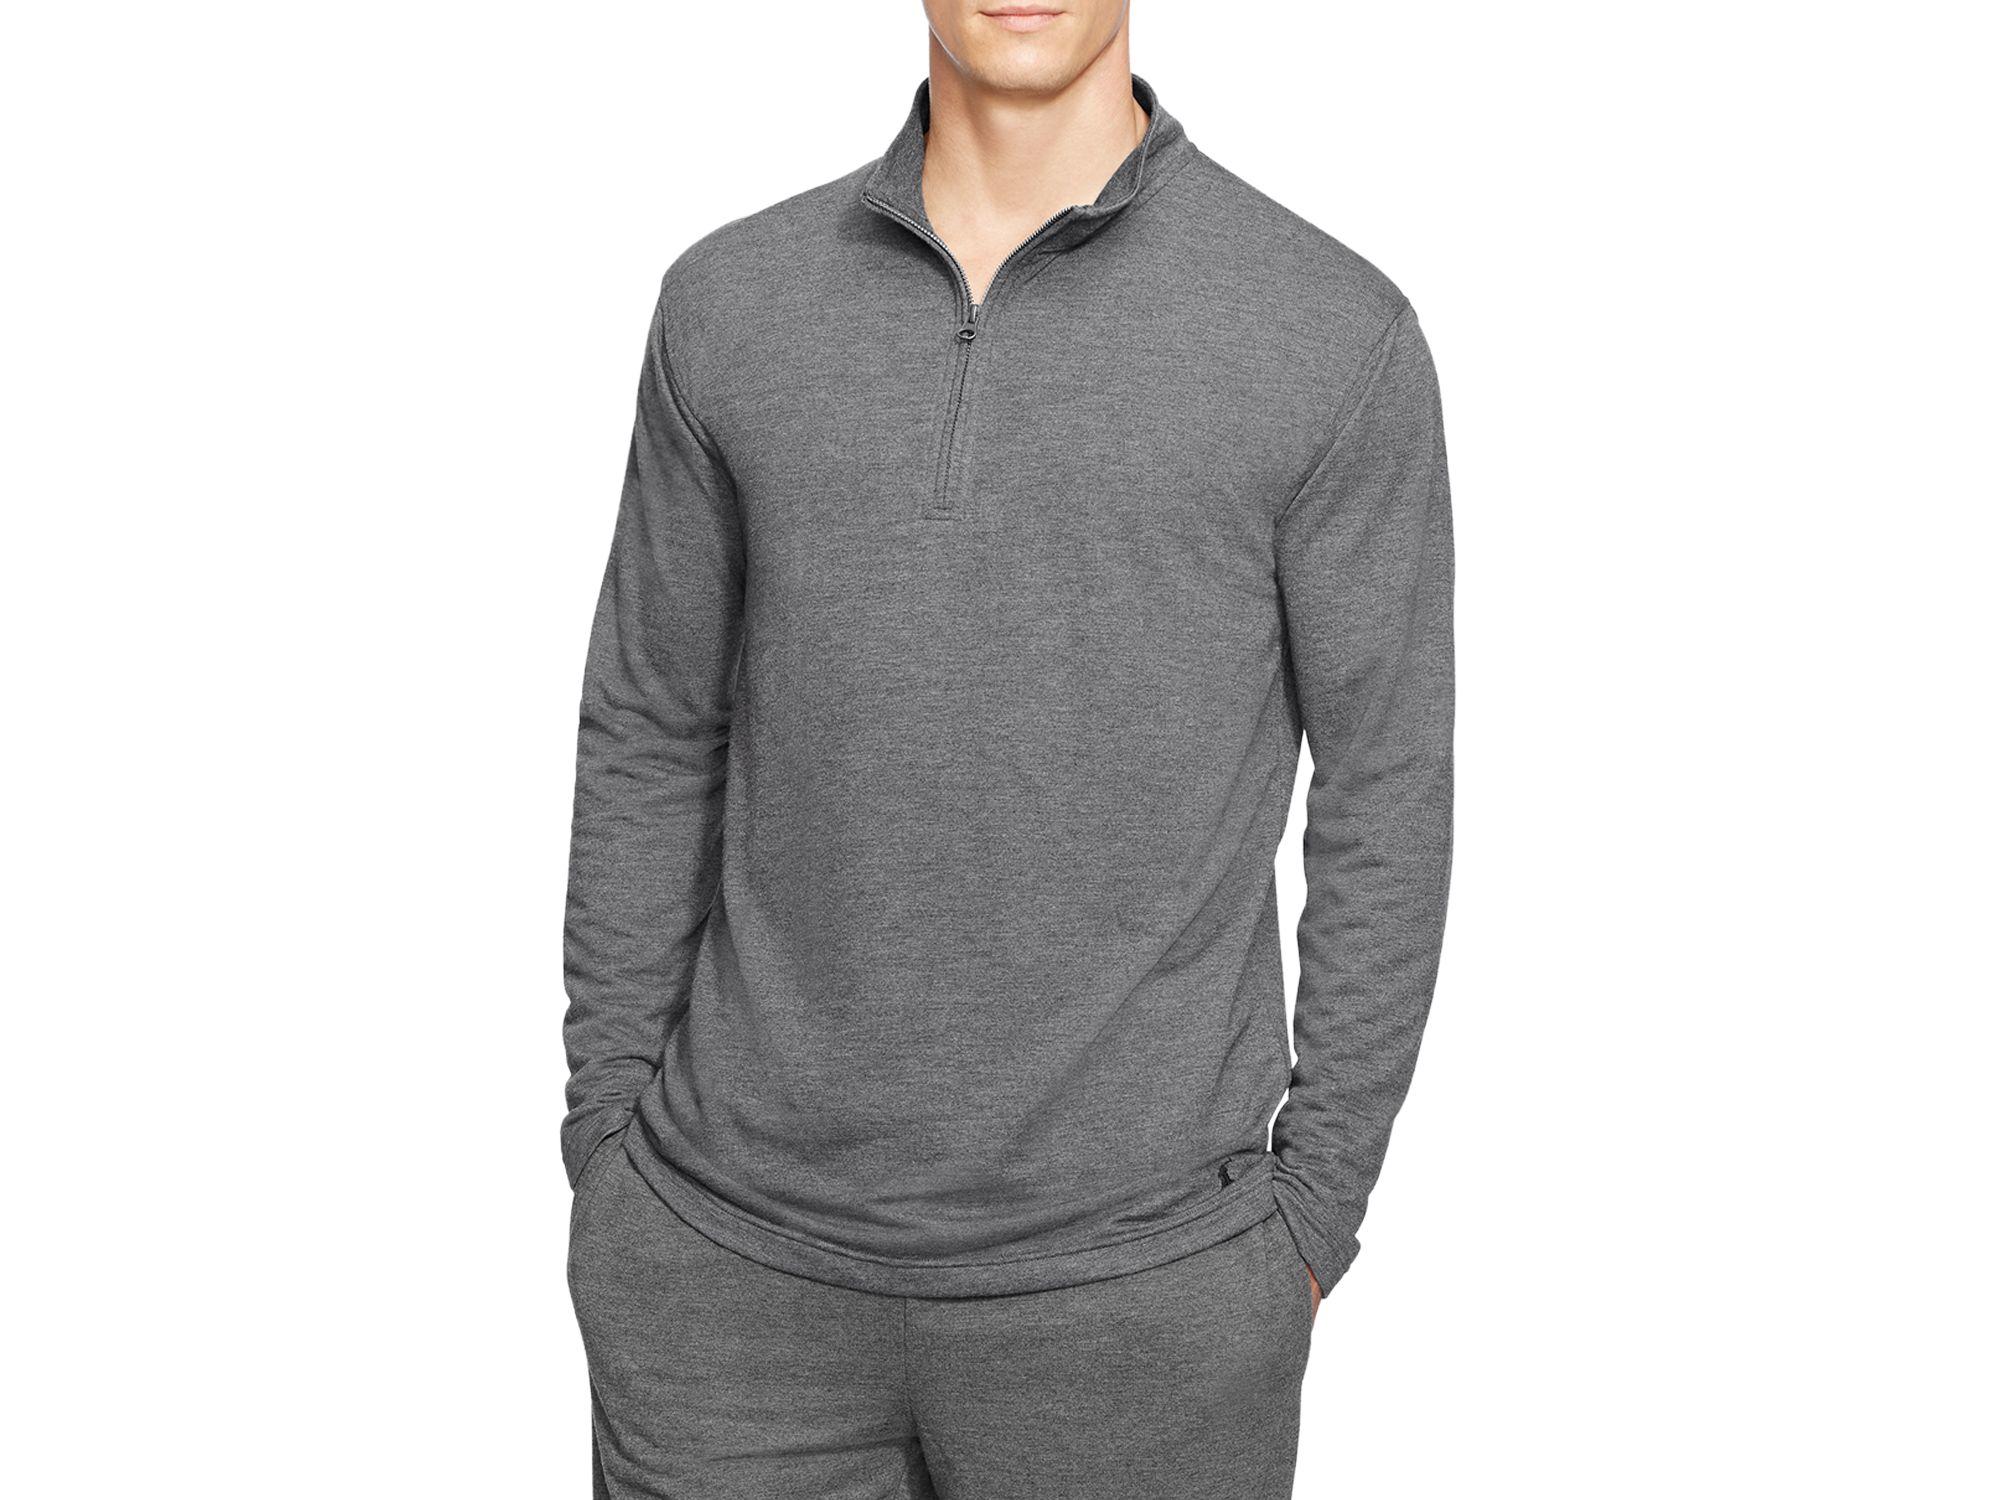 ralph lauren terry half zip pullover in gray for men. Black Bedroom Furniture Sets. Home Design Ideas